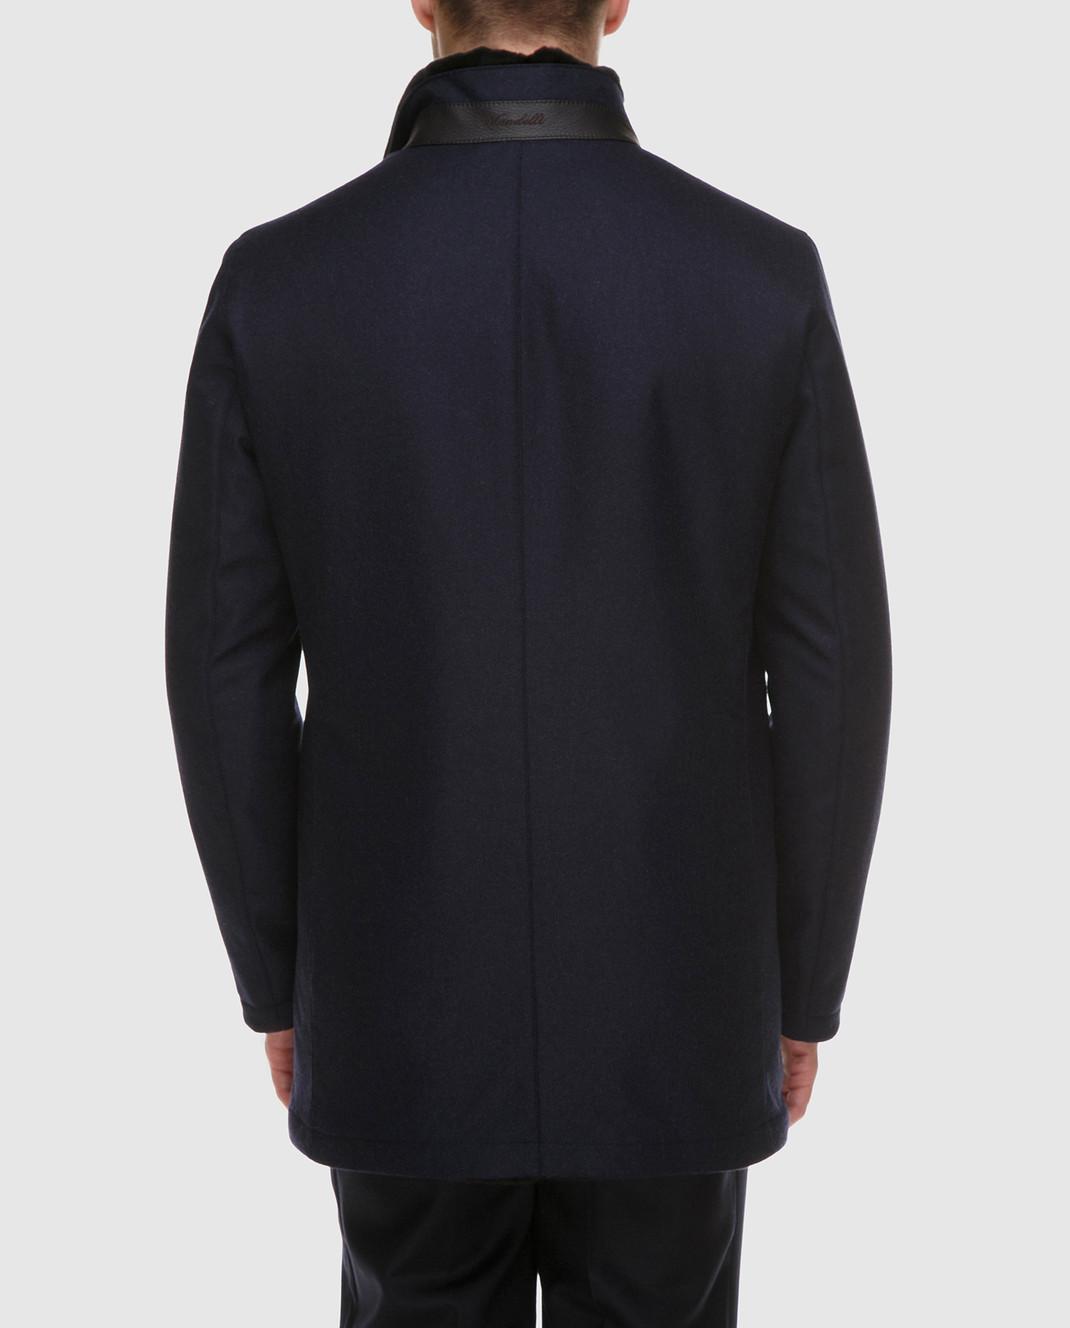 Enrico Mandelli Синяя куртка из шерсти и кашемира на подкладке из меха нутрии A6T762 изображение 4